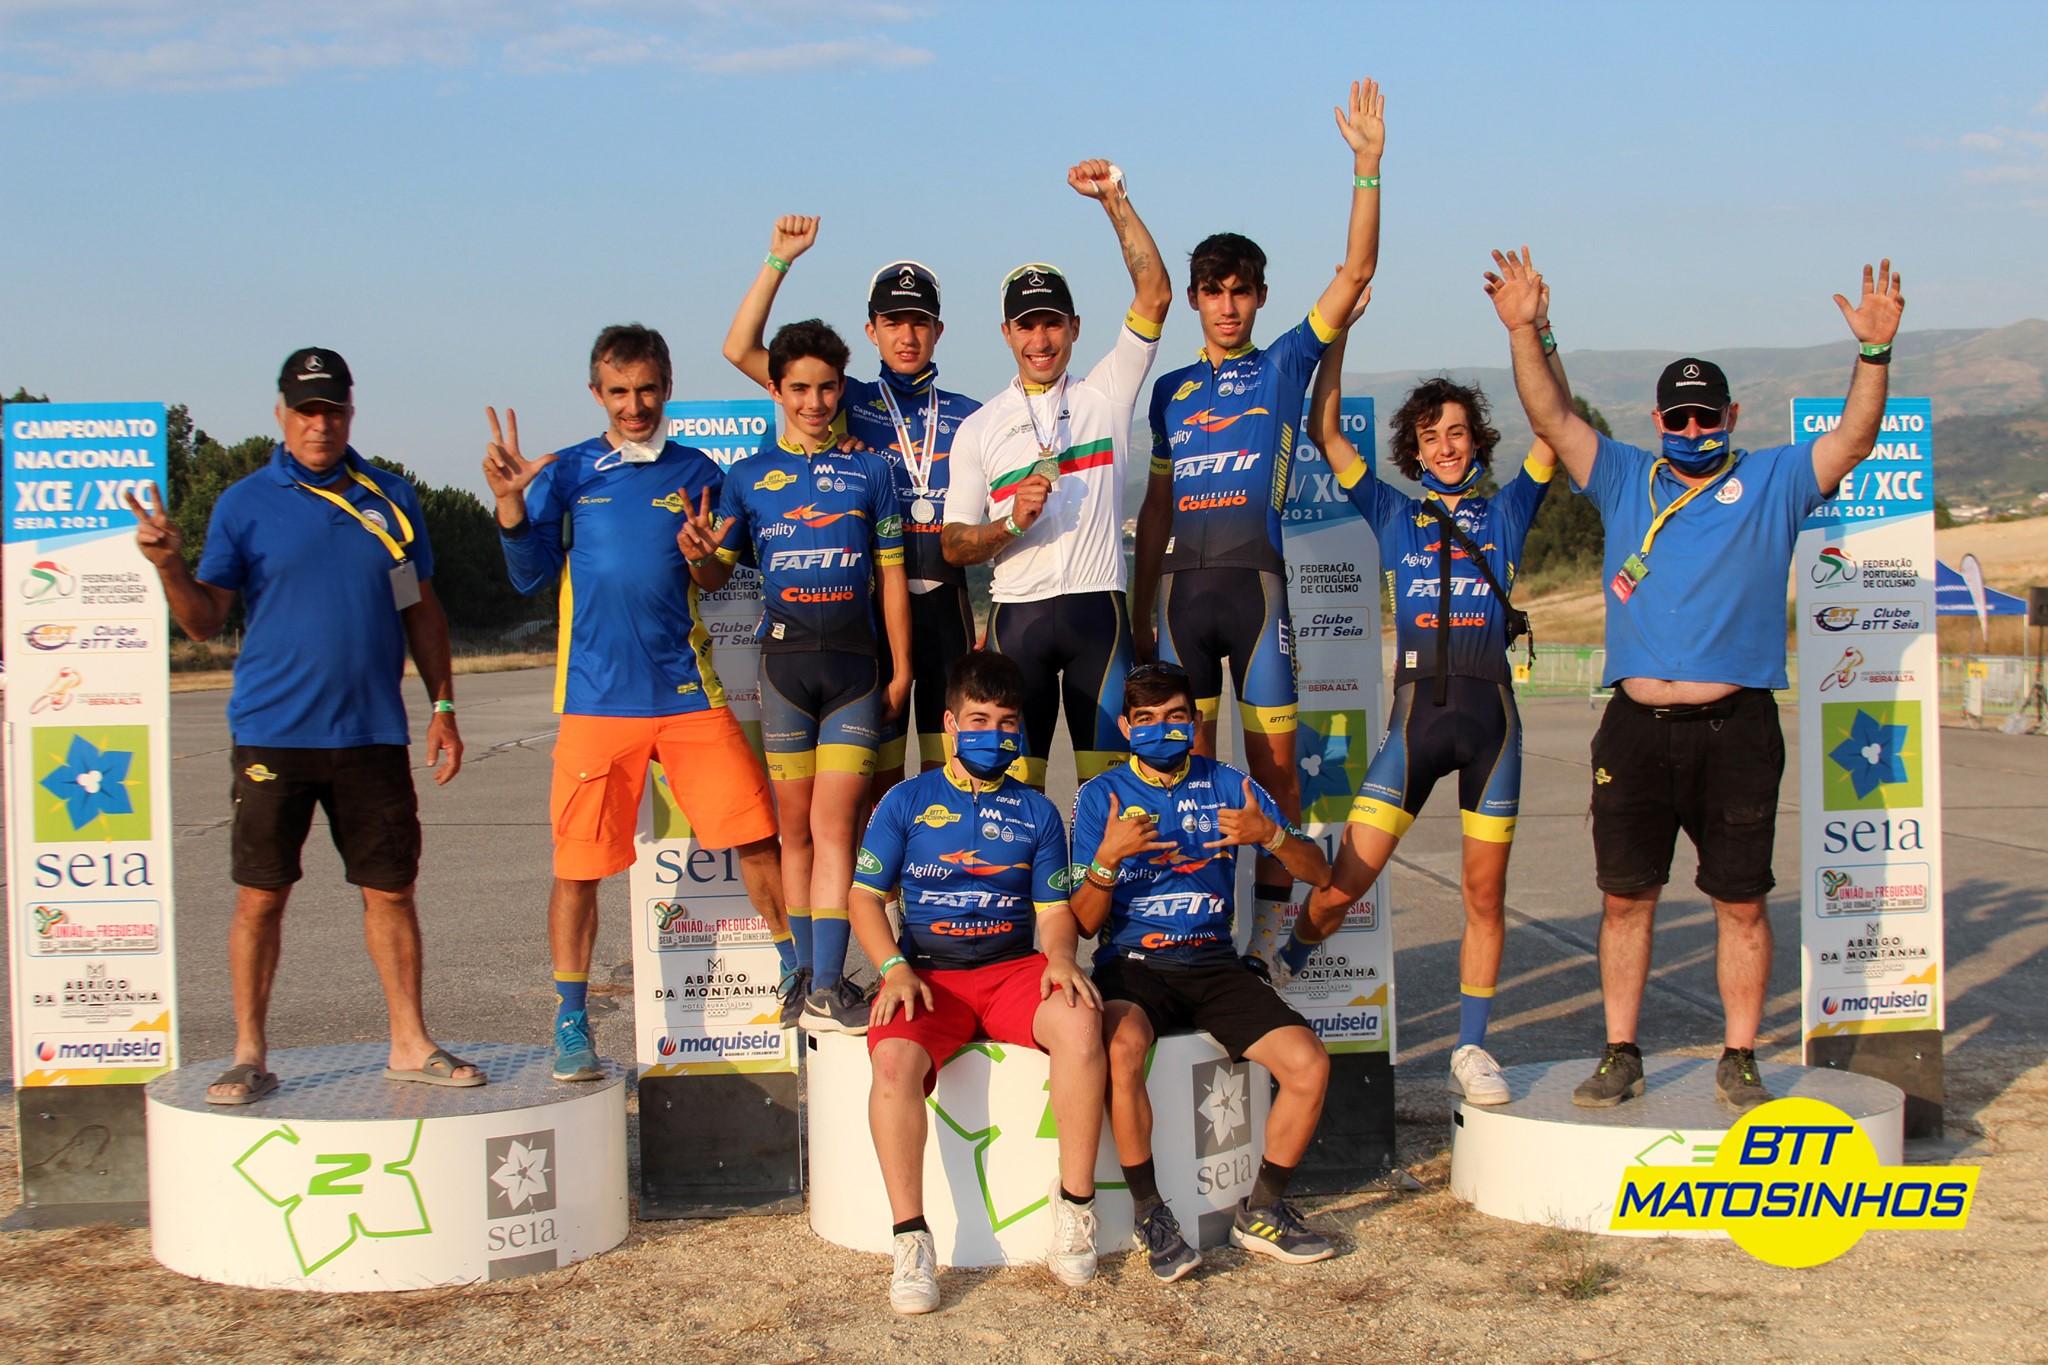 Ricardo Marinheiro Campeão Nacional de XCE e XCC e Eduardo Rodrigues Vice-Campeão